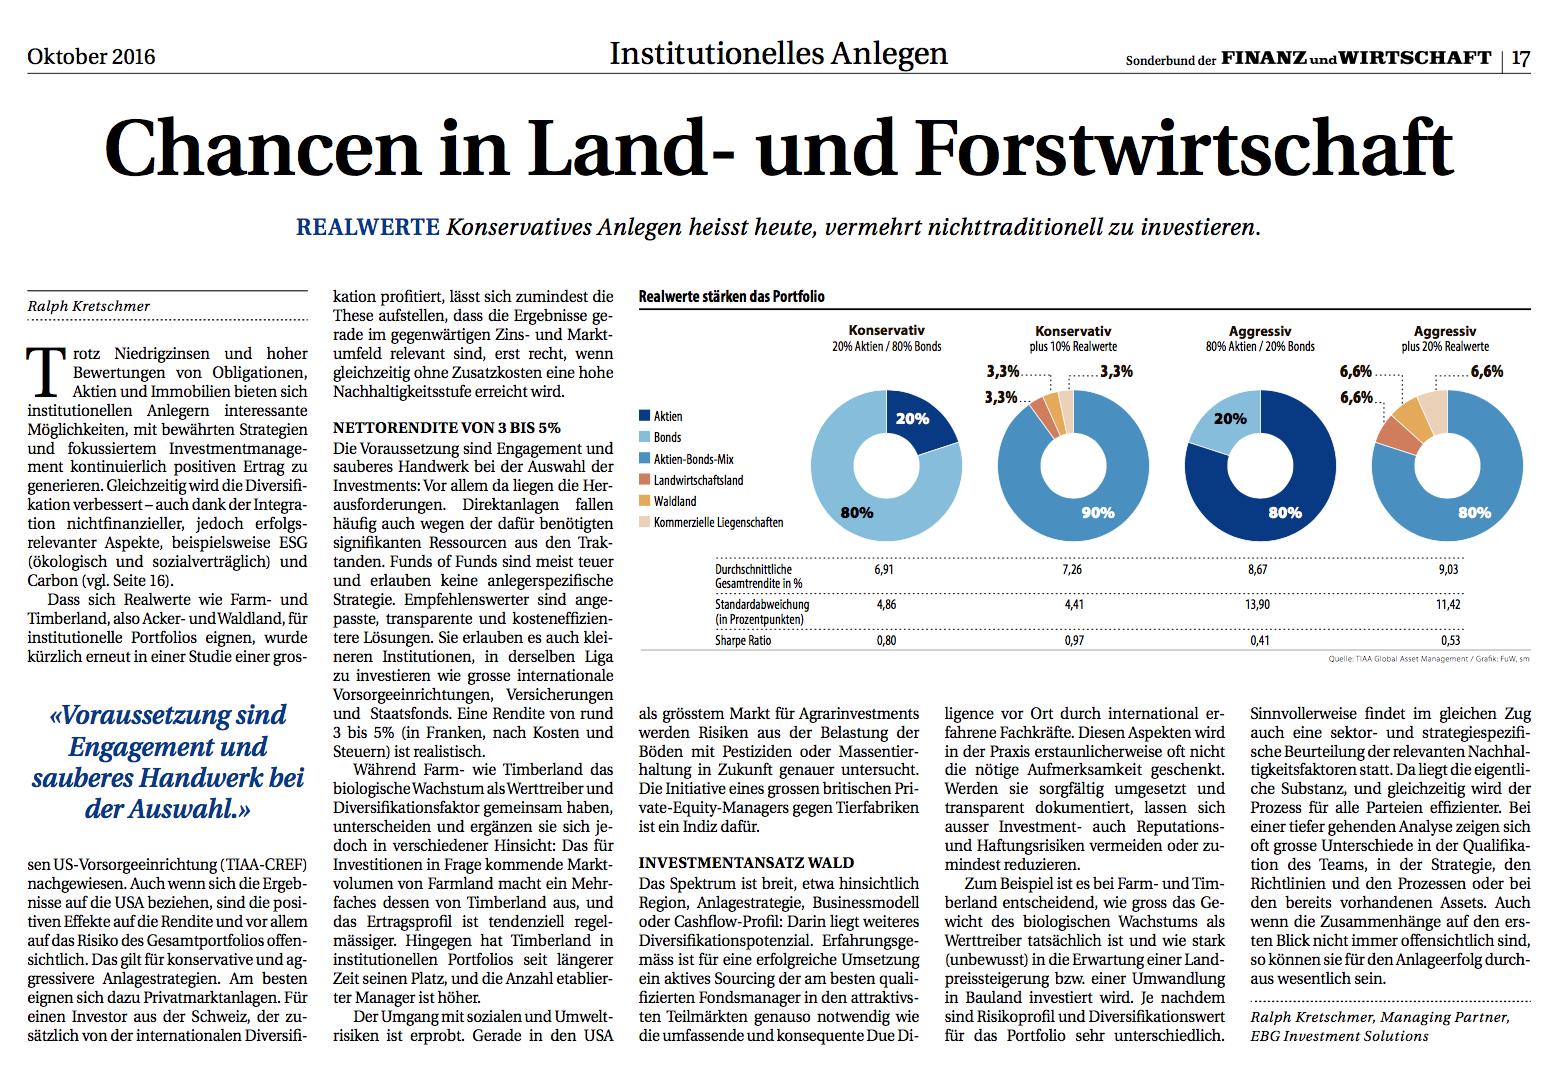 FuW: Chancen in Forst- und Landwirtschaft